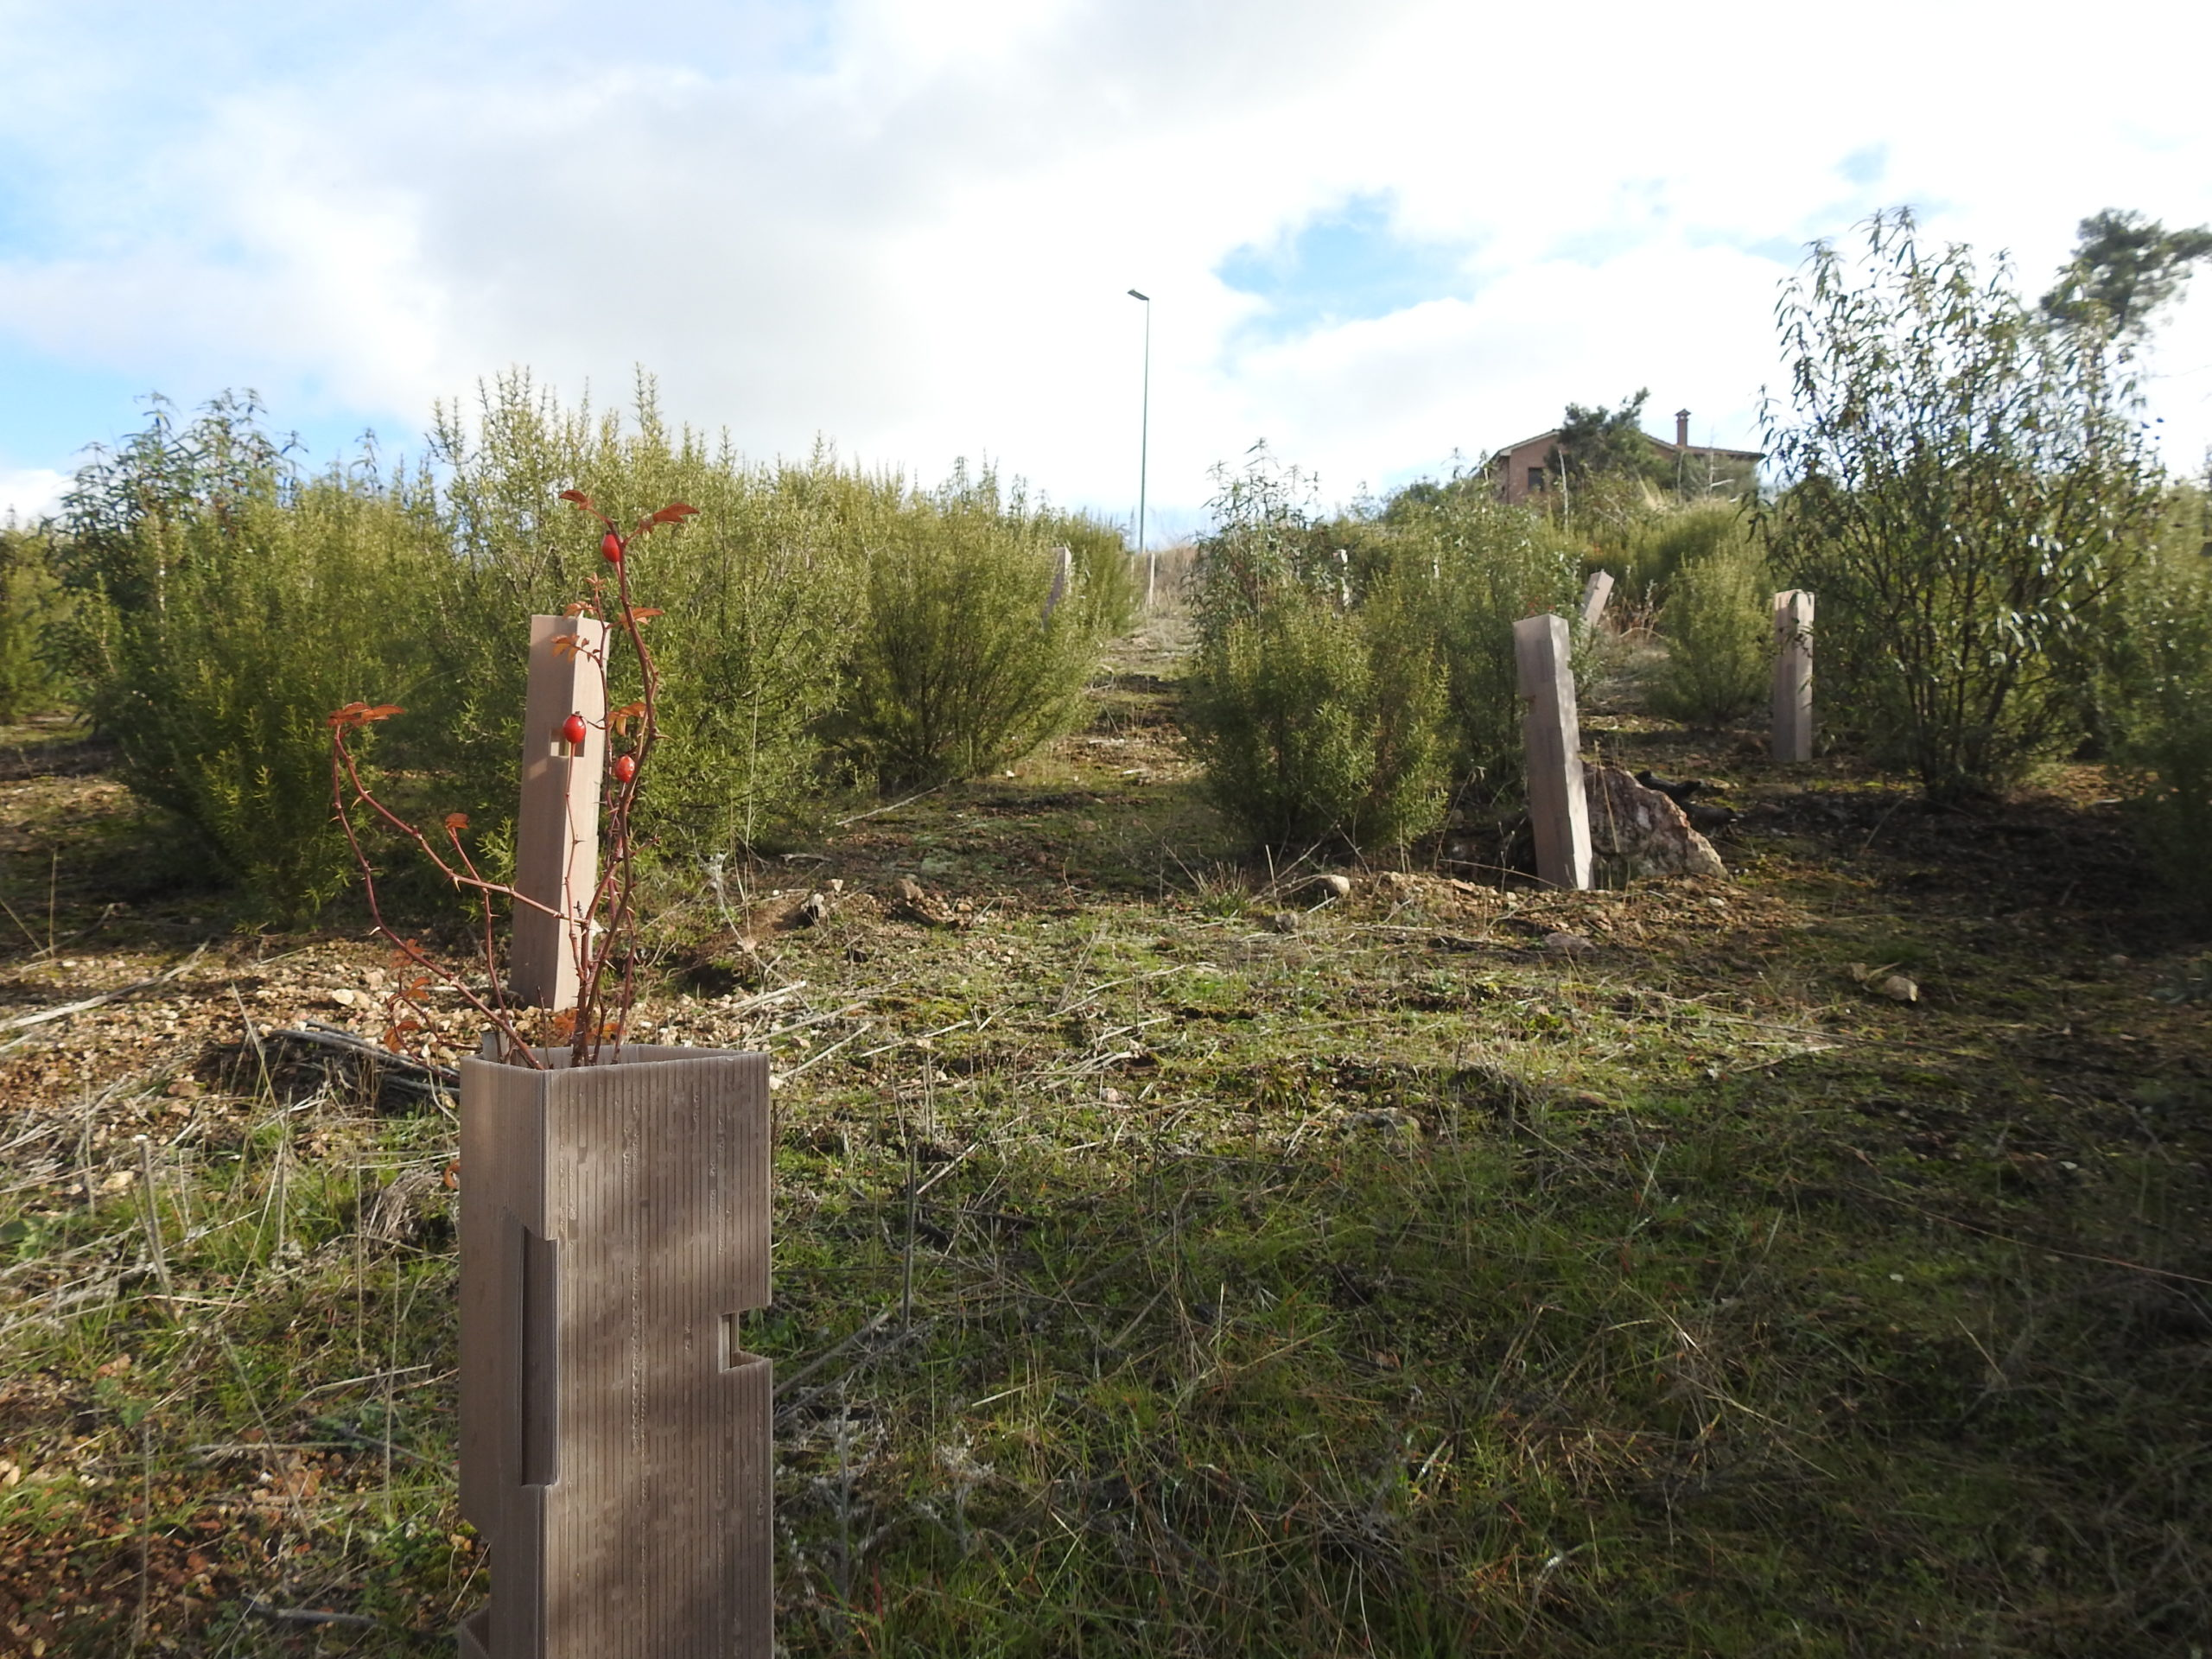 Voluntariado ambiental reforestación plantas autóctonas